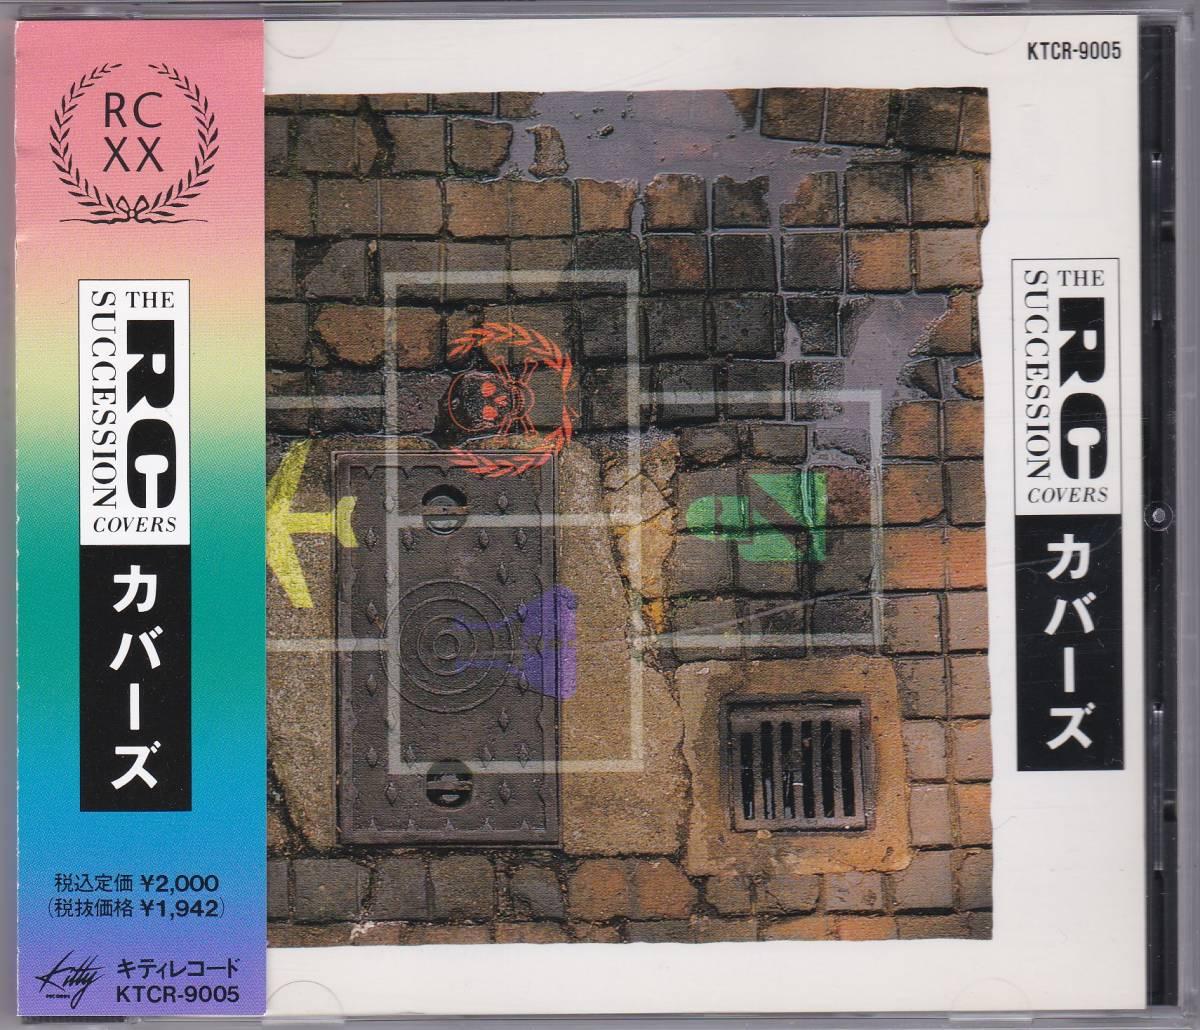 【中古CD】RCサクセション/COVERS/カバーズ/90年盤_画像1